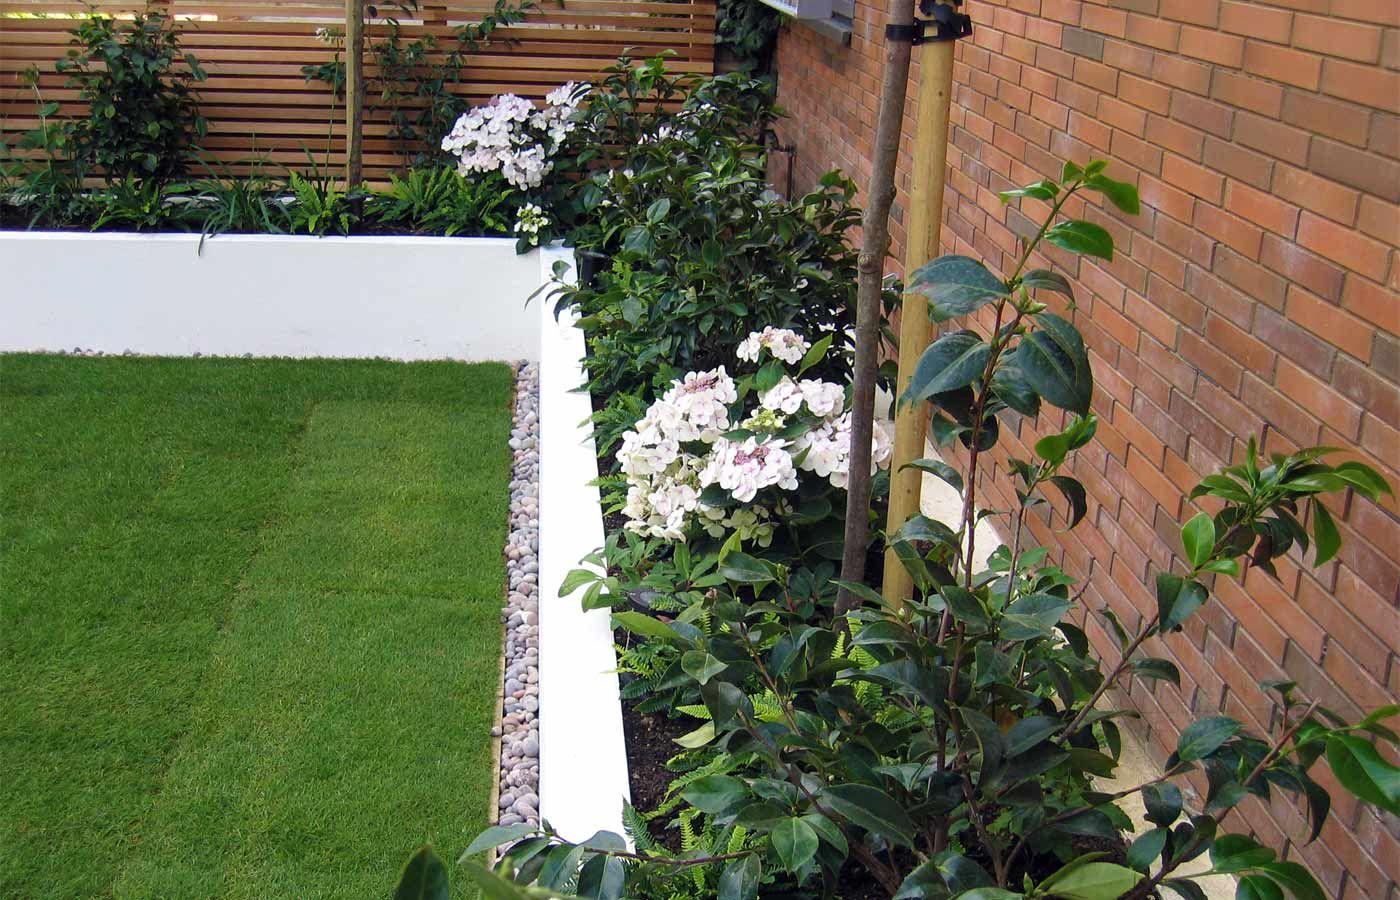 contemporary garden design london architectural garden design - Garden Design London